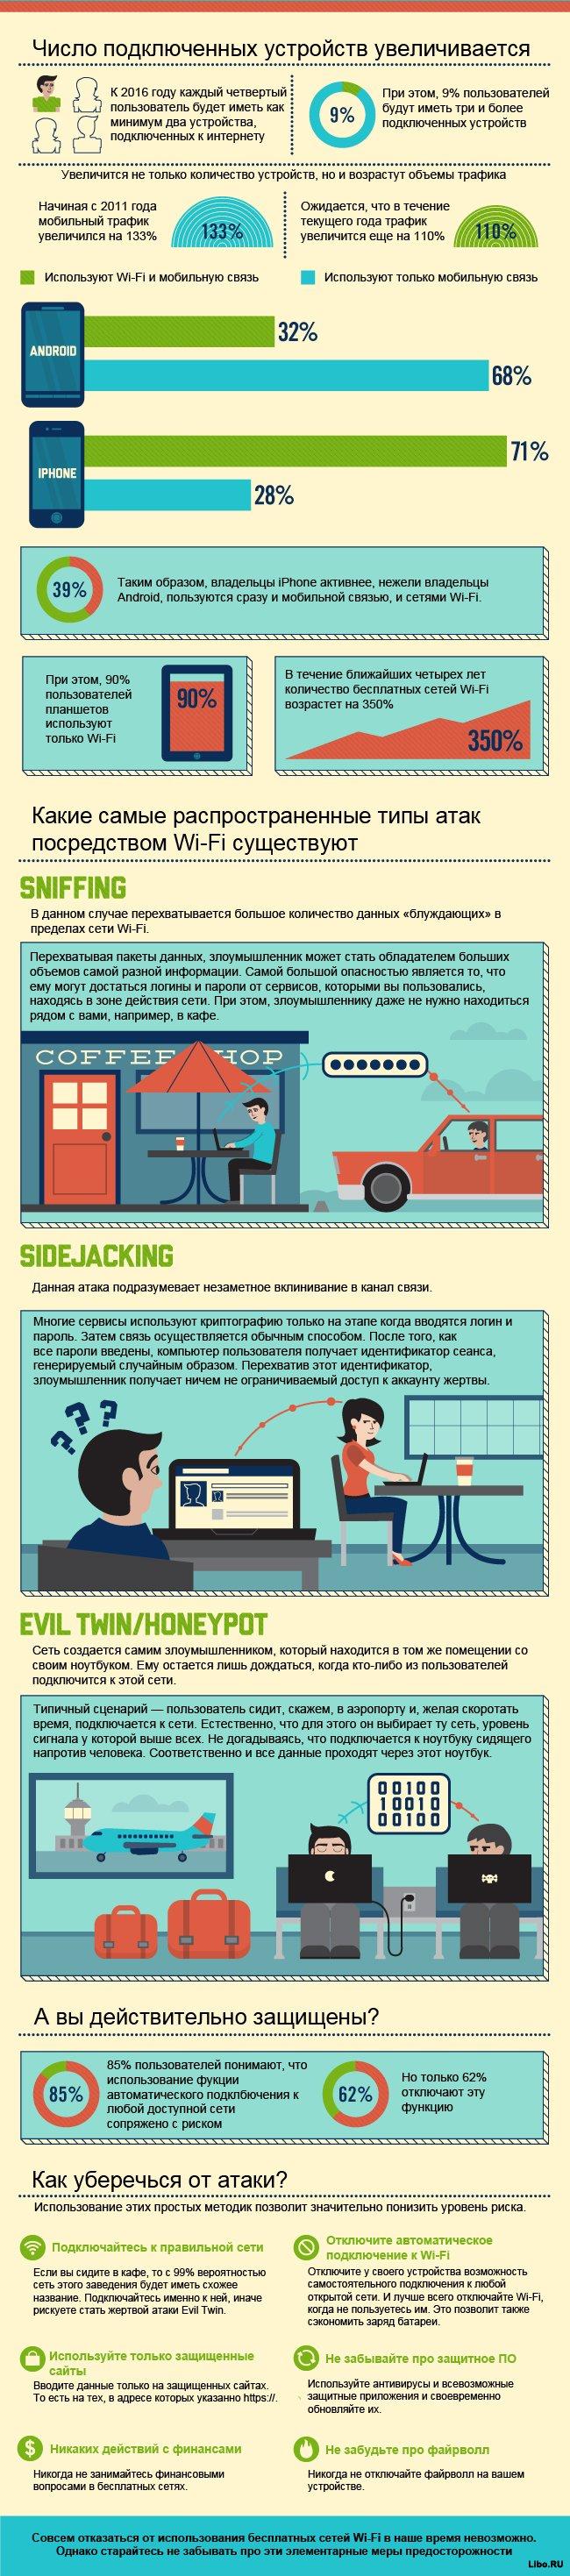 Чем опасны беспроводные сети